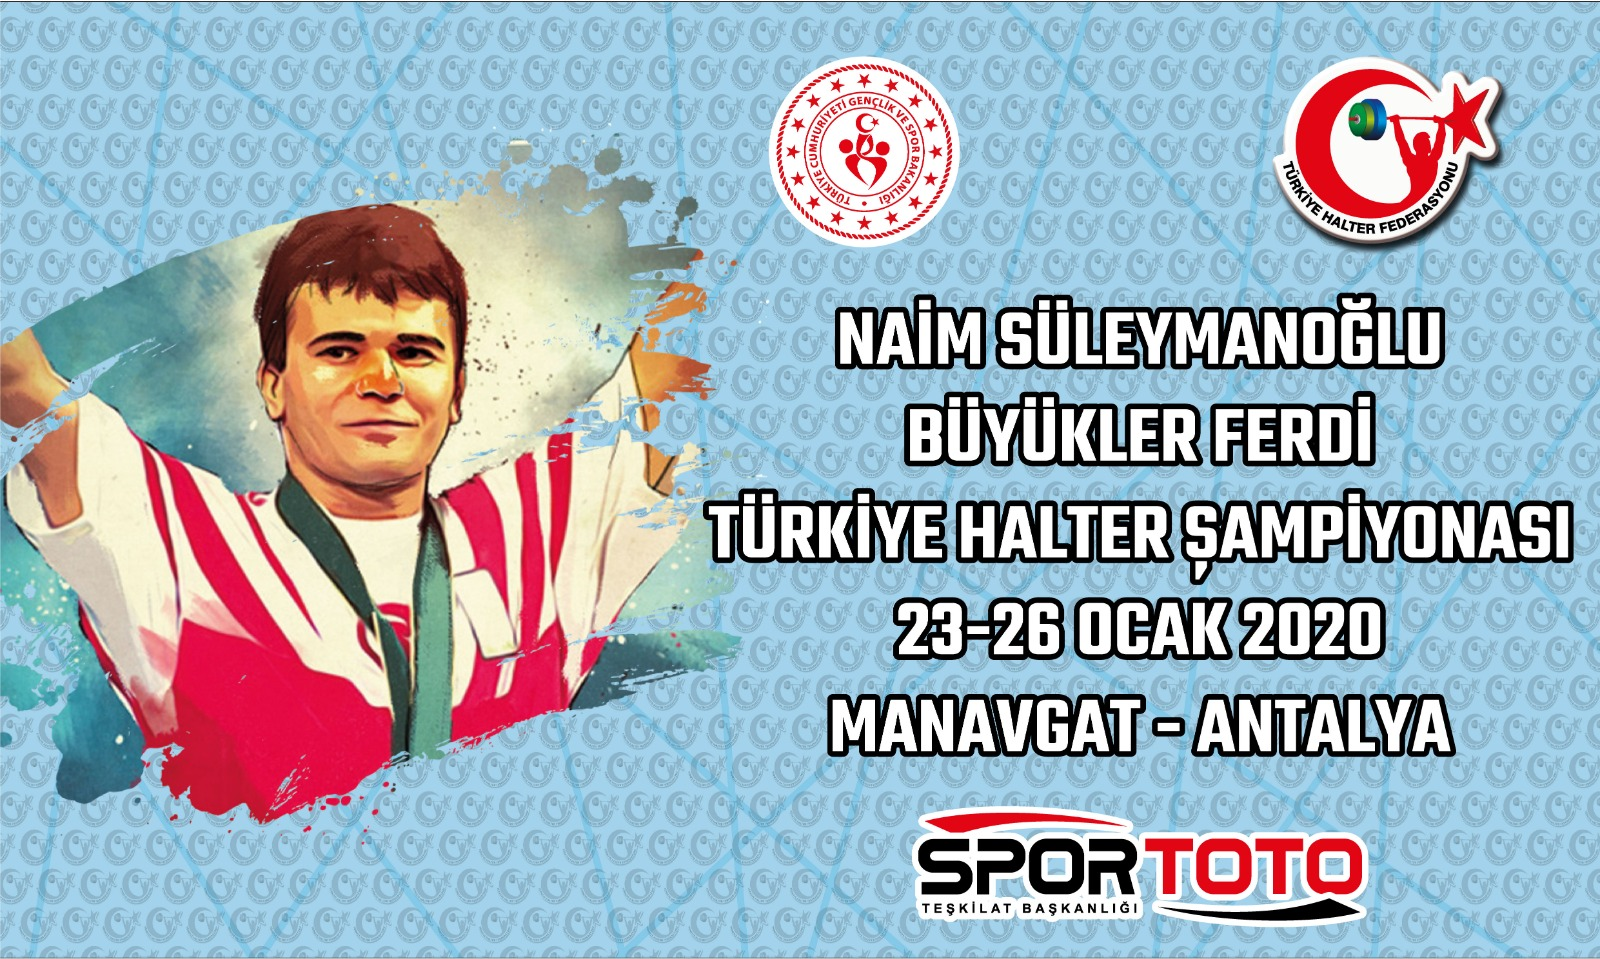 Naim Süleymanoğlu Büyükler Ferdi Türkiye Şampiyonası